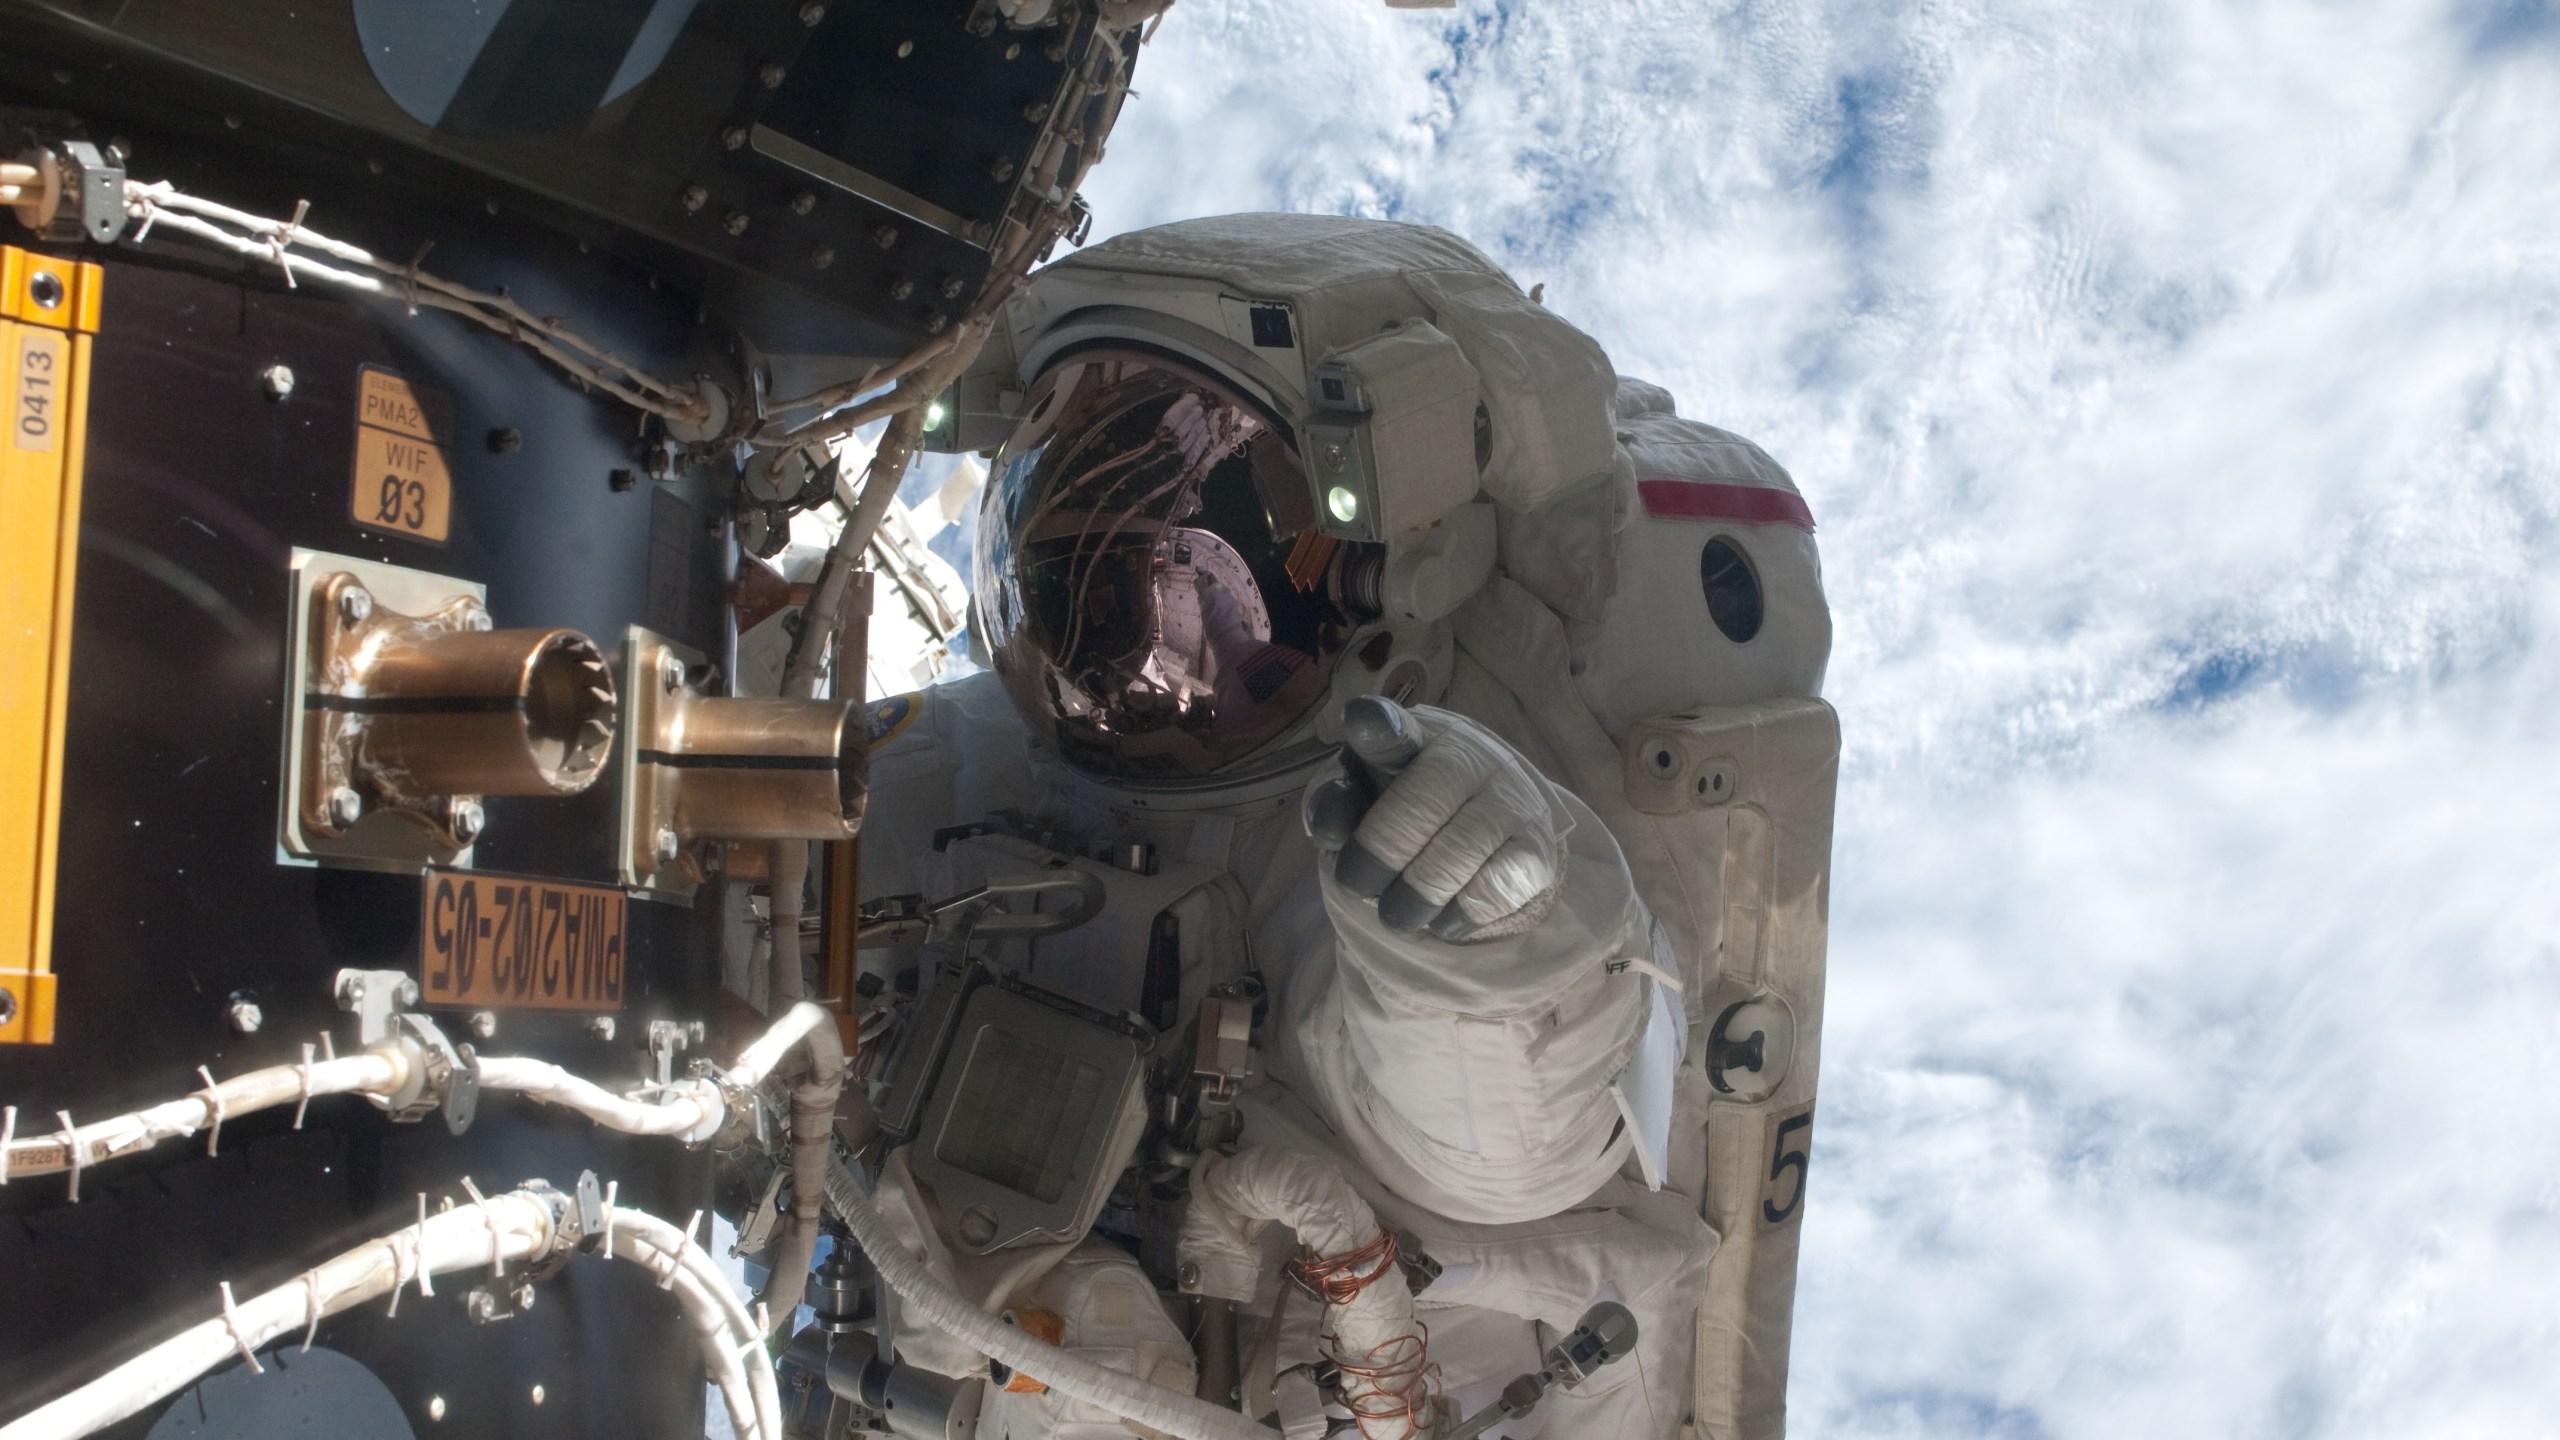 NASA_astronaut_Mike_Fossum_Atlantis_1535915243176.jpg